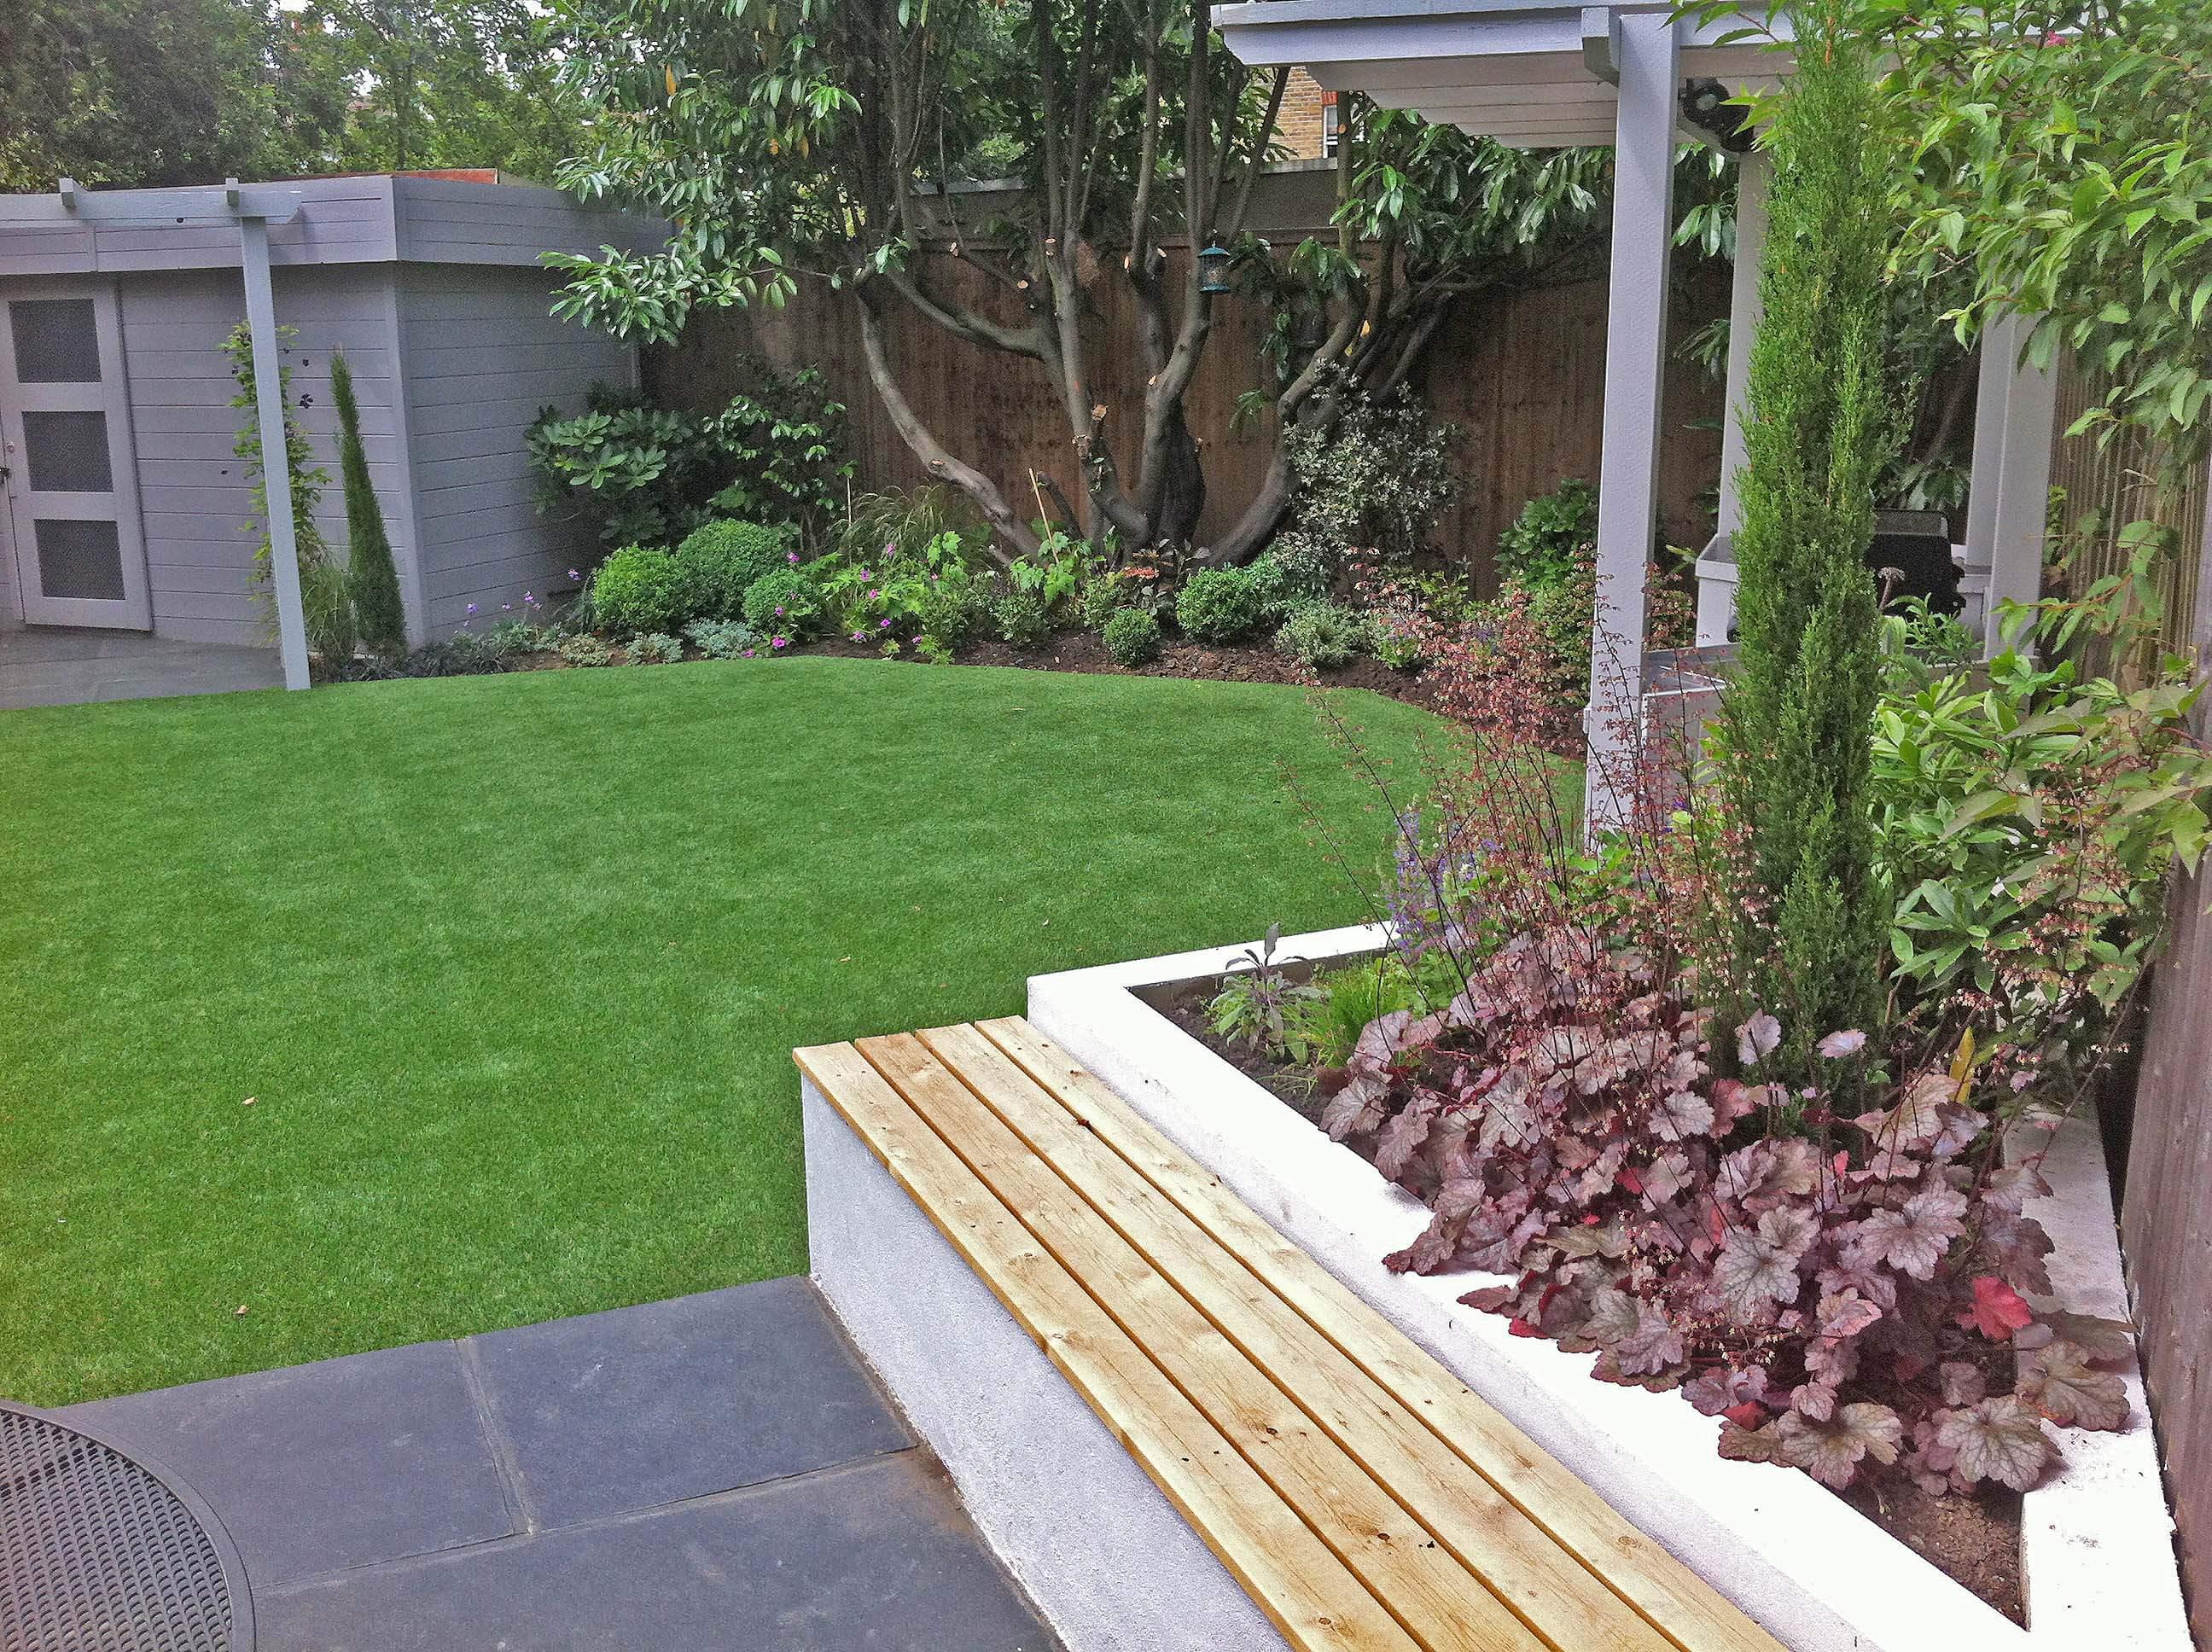 4. Pippa's family garden